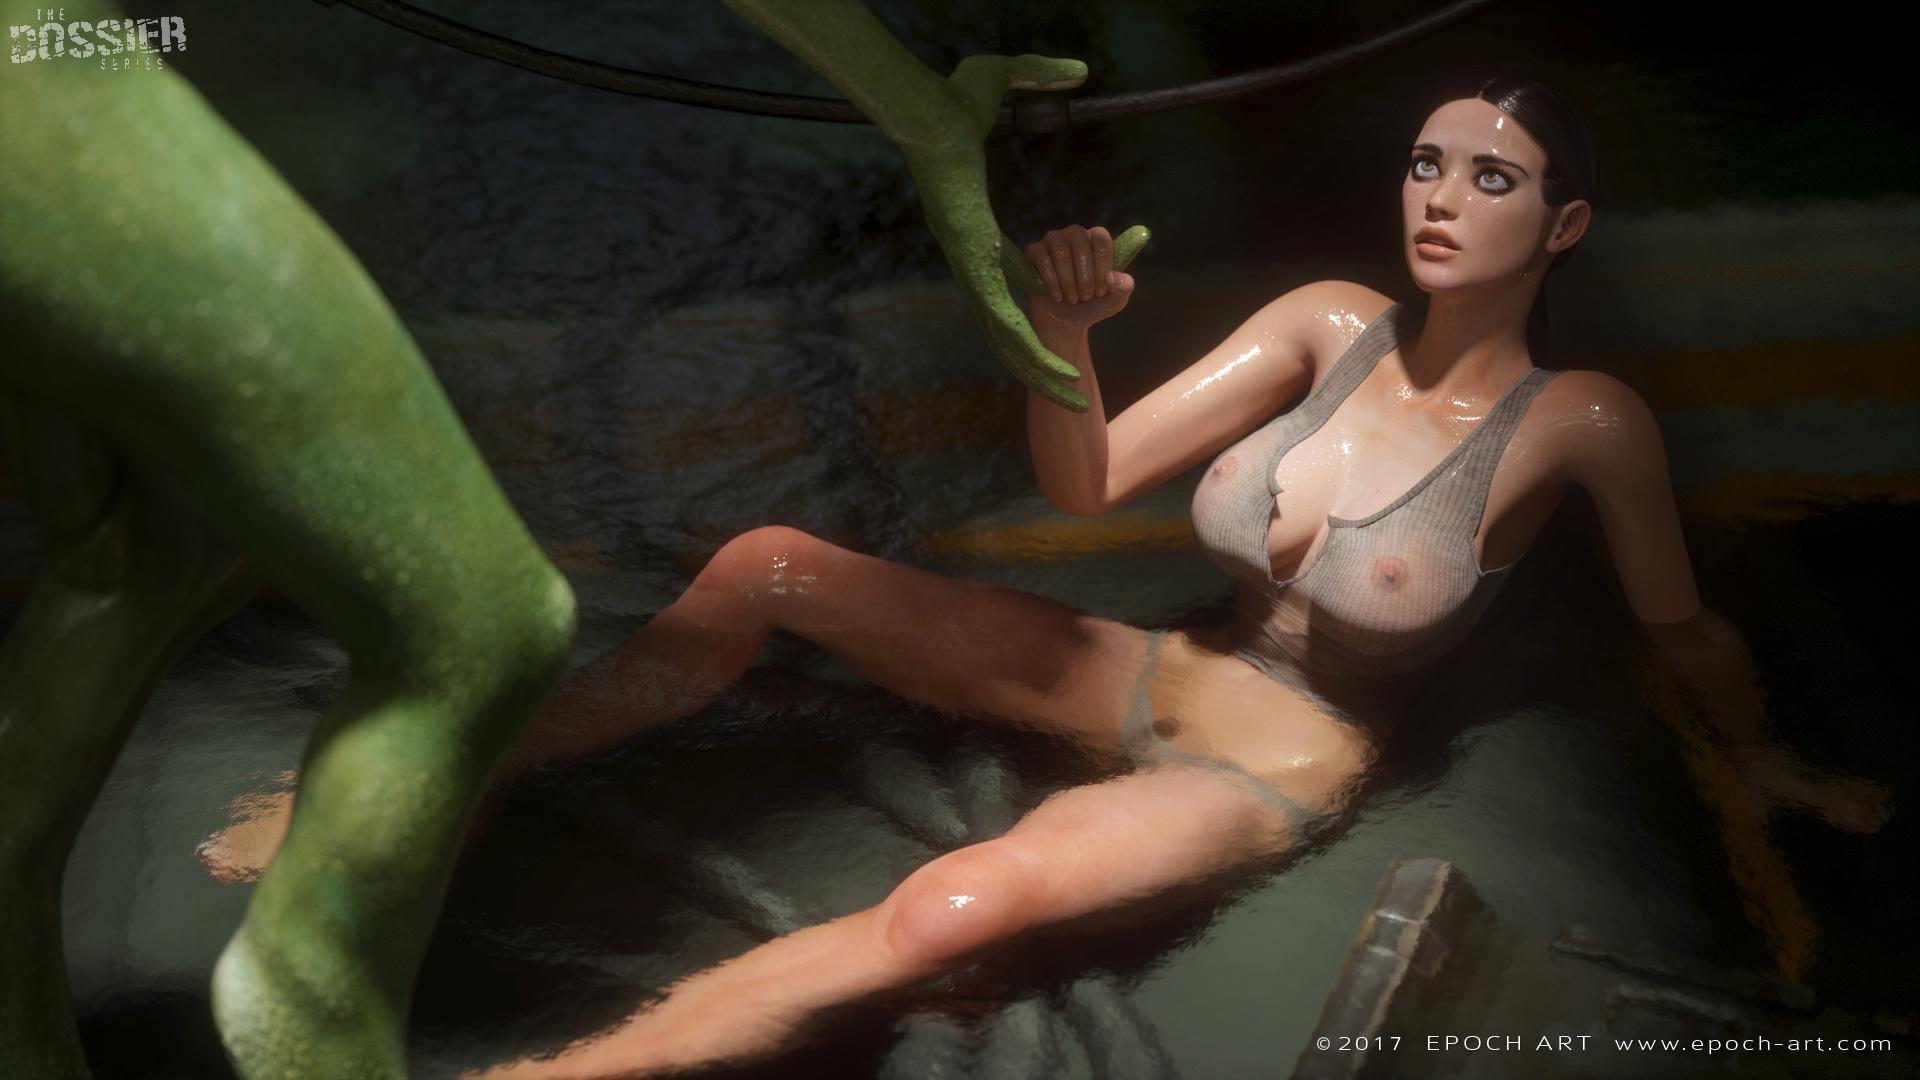 Demonporn nude clip